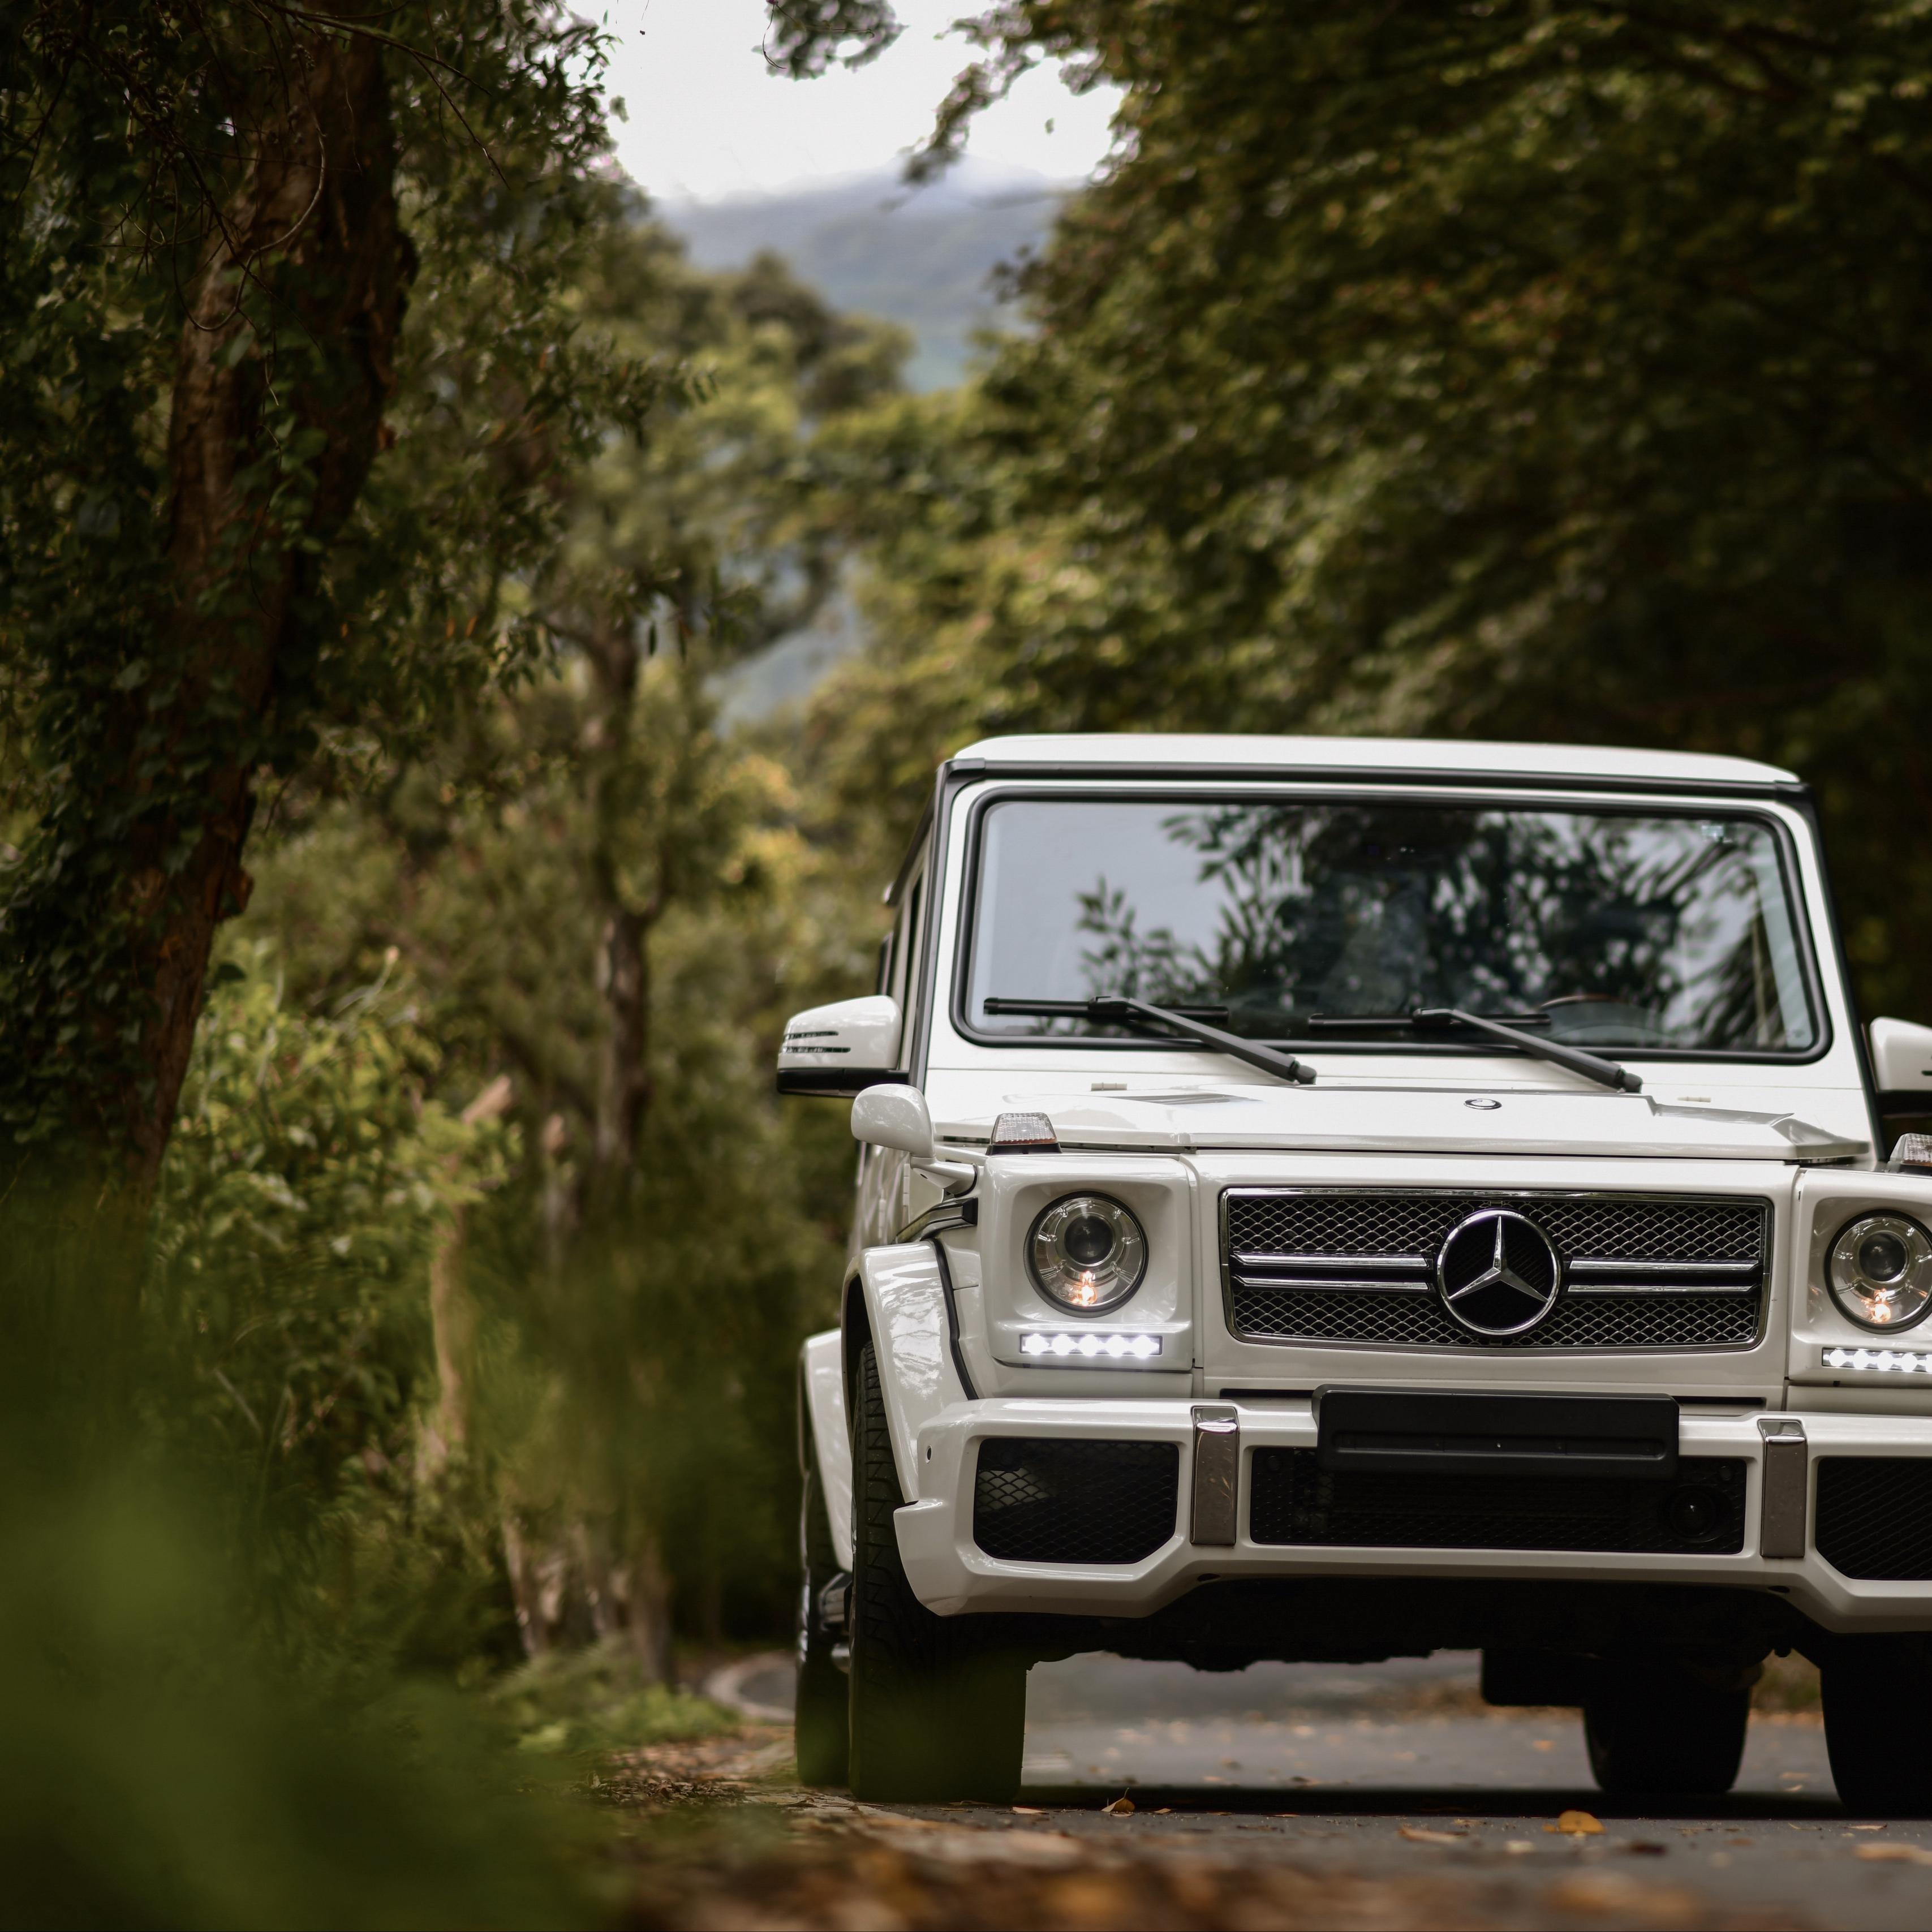 Wallpaper Mercedes Benz G Class Mercedes Gelandewagen G Class Wallpaper Iphone 3415x3415 Wallpaper Teahub Io